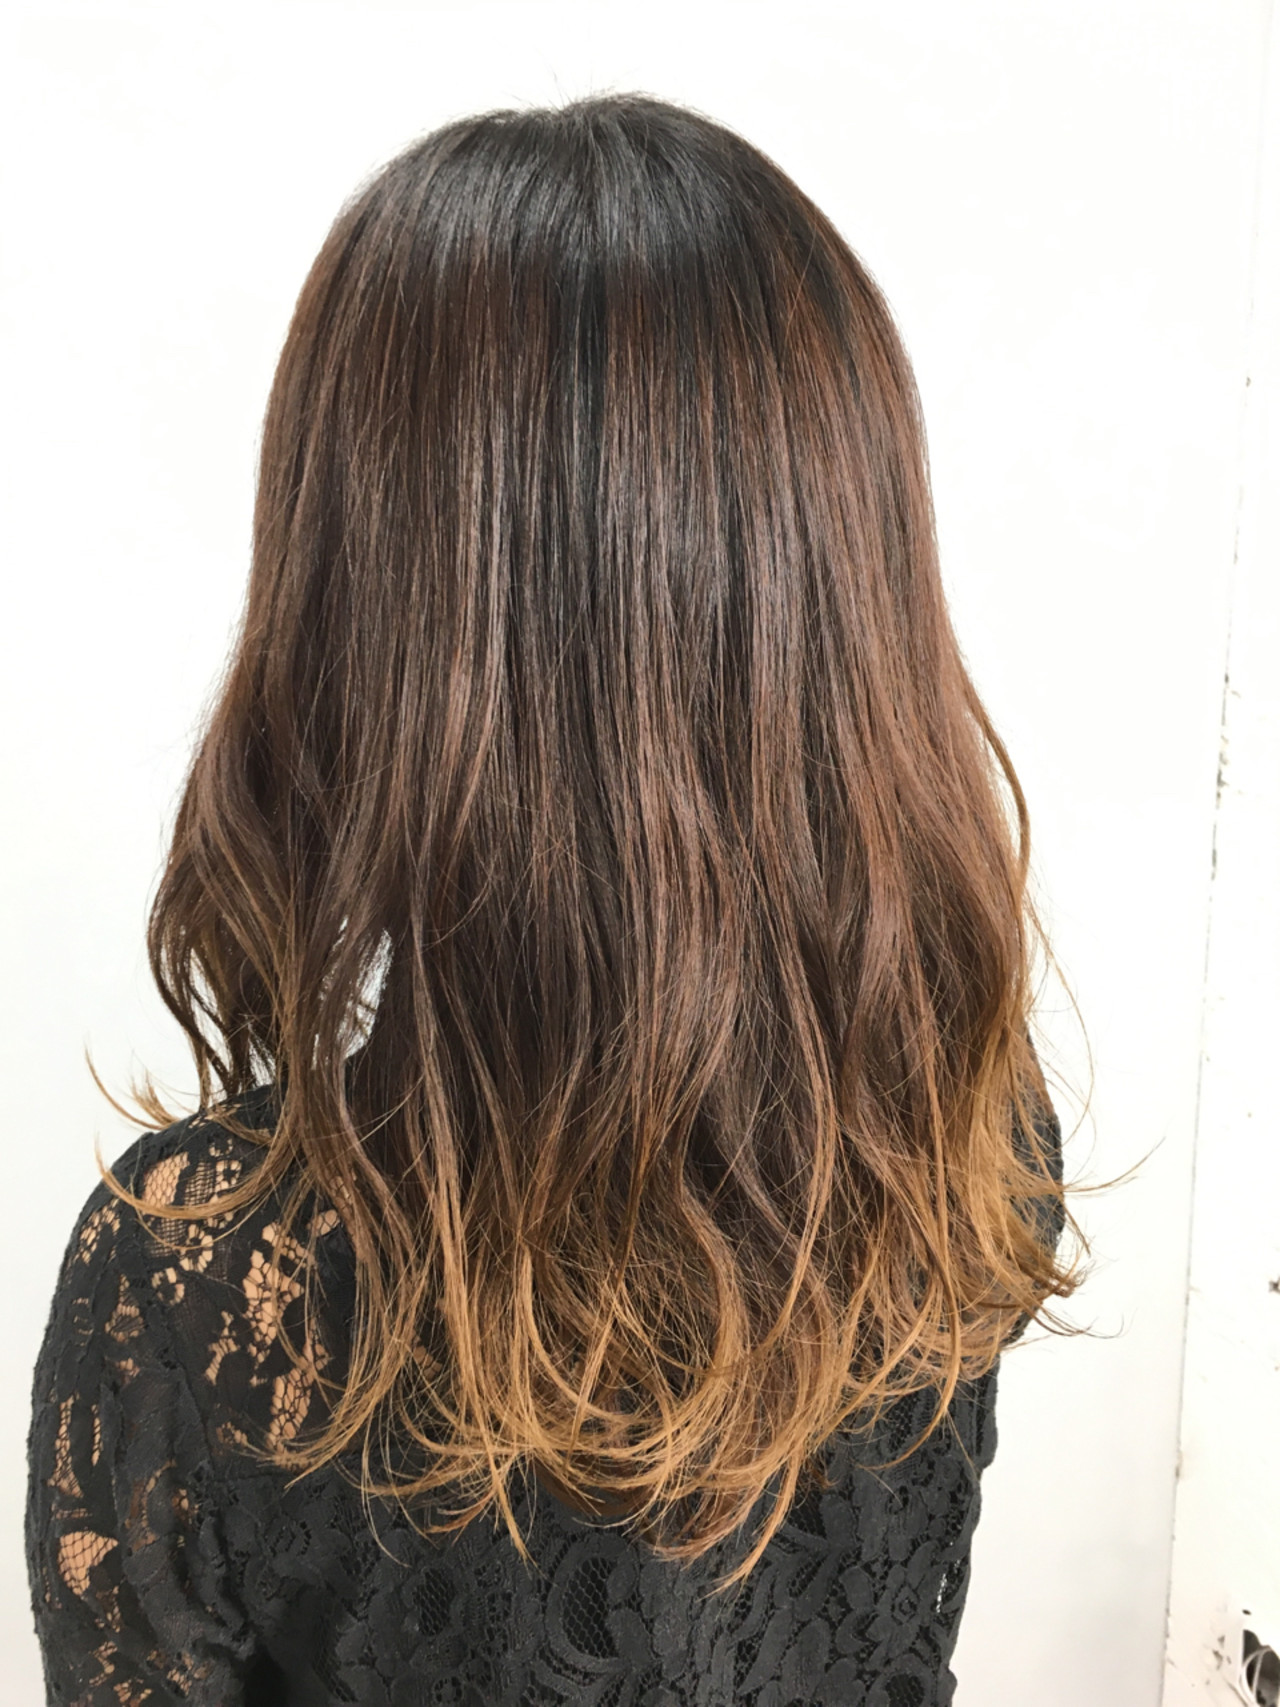 ナチュラル ブラウン グラデーションカラー ゆるふわ ヘアスタイルや髪型の写真・画像 | 吉田 漢二 / ALBUM新宿